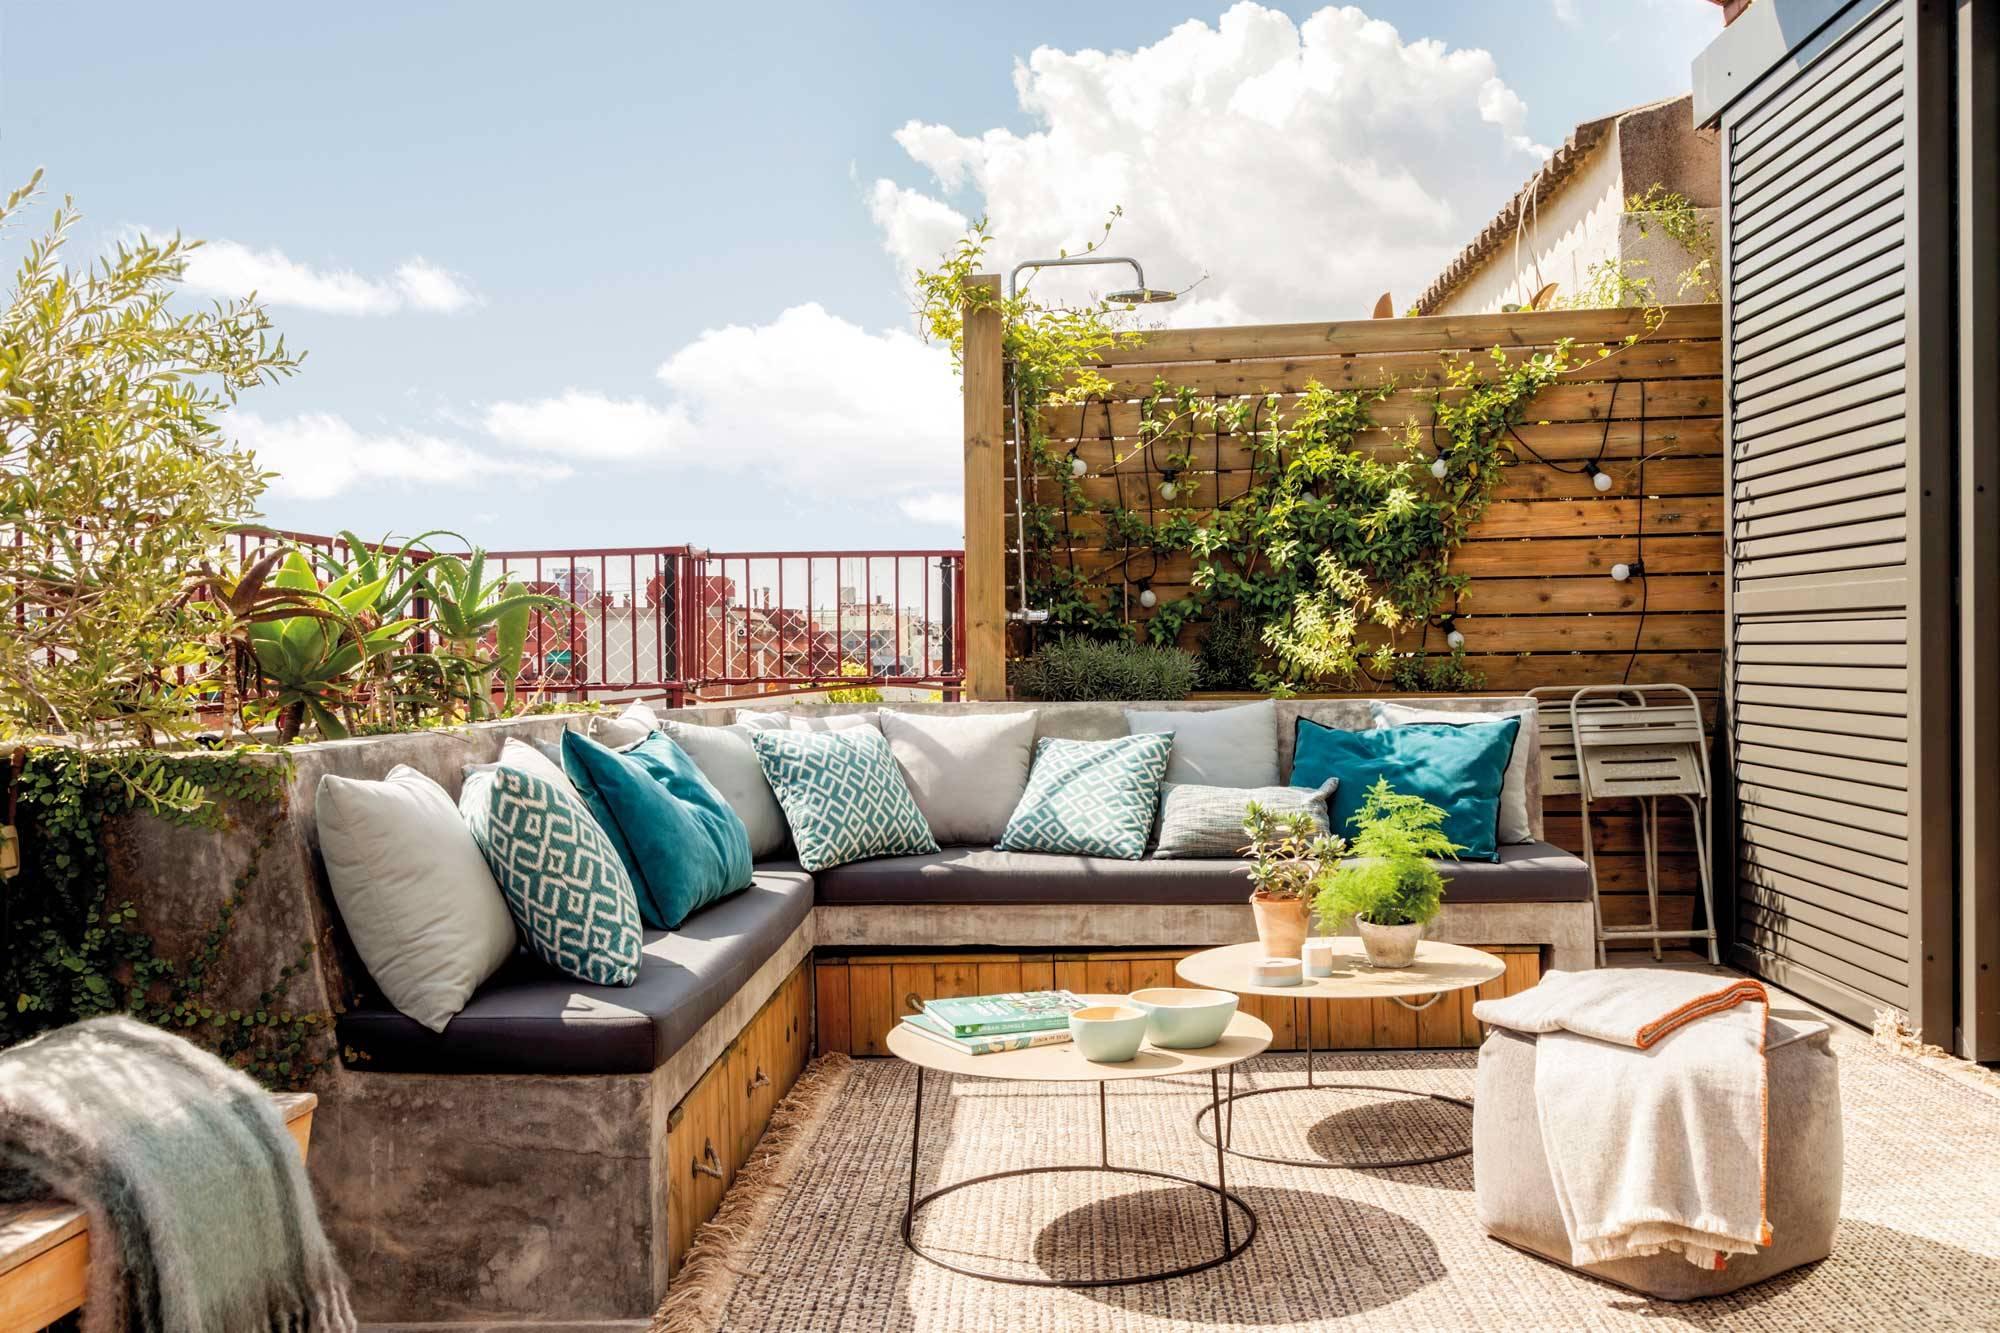 Terrazas el mueble for Color de pintura al aire libre casa moderna